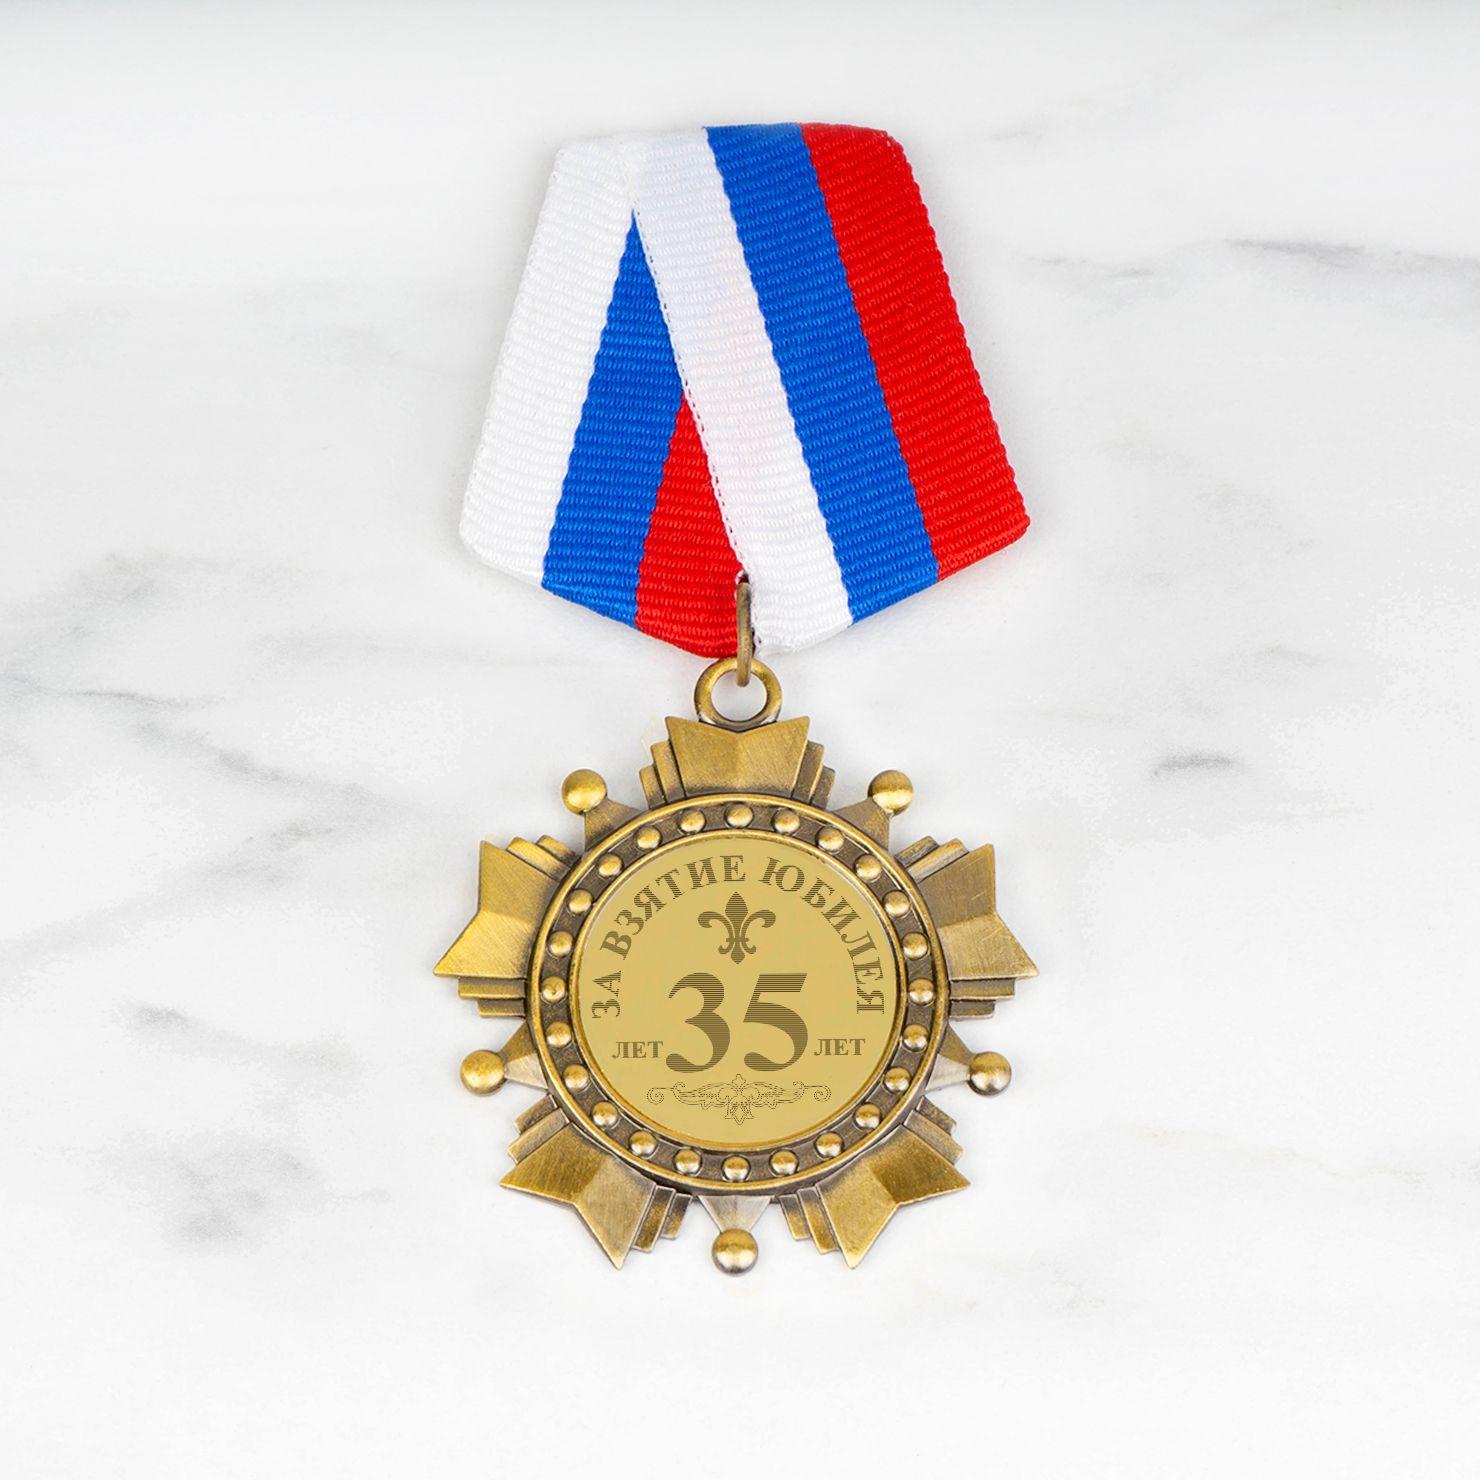 Орден *За взятие Юбилея 35 лет*